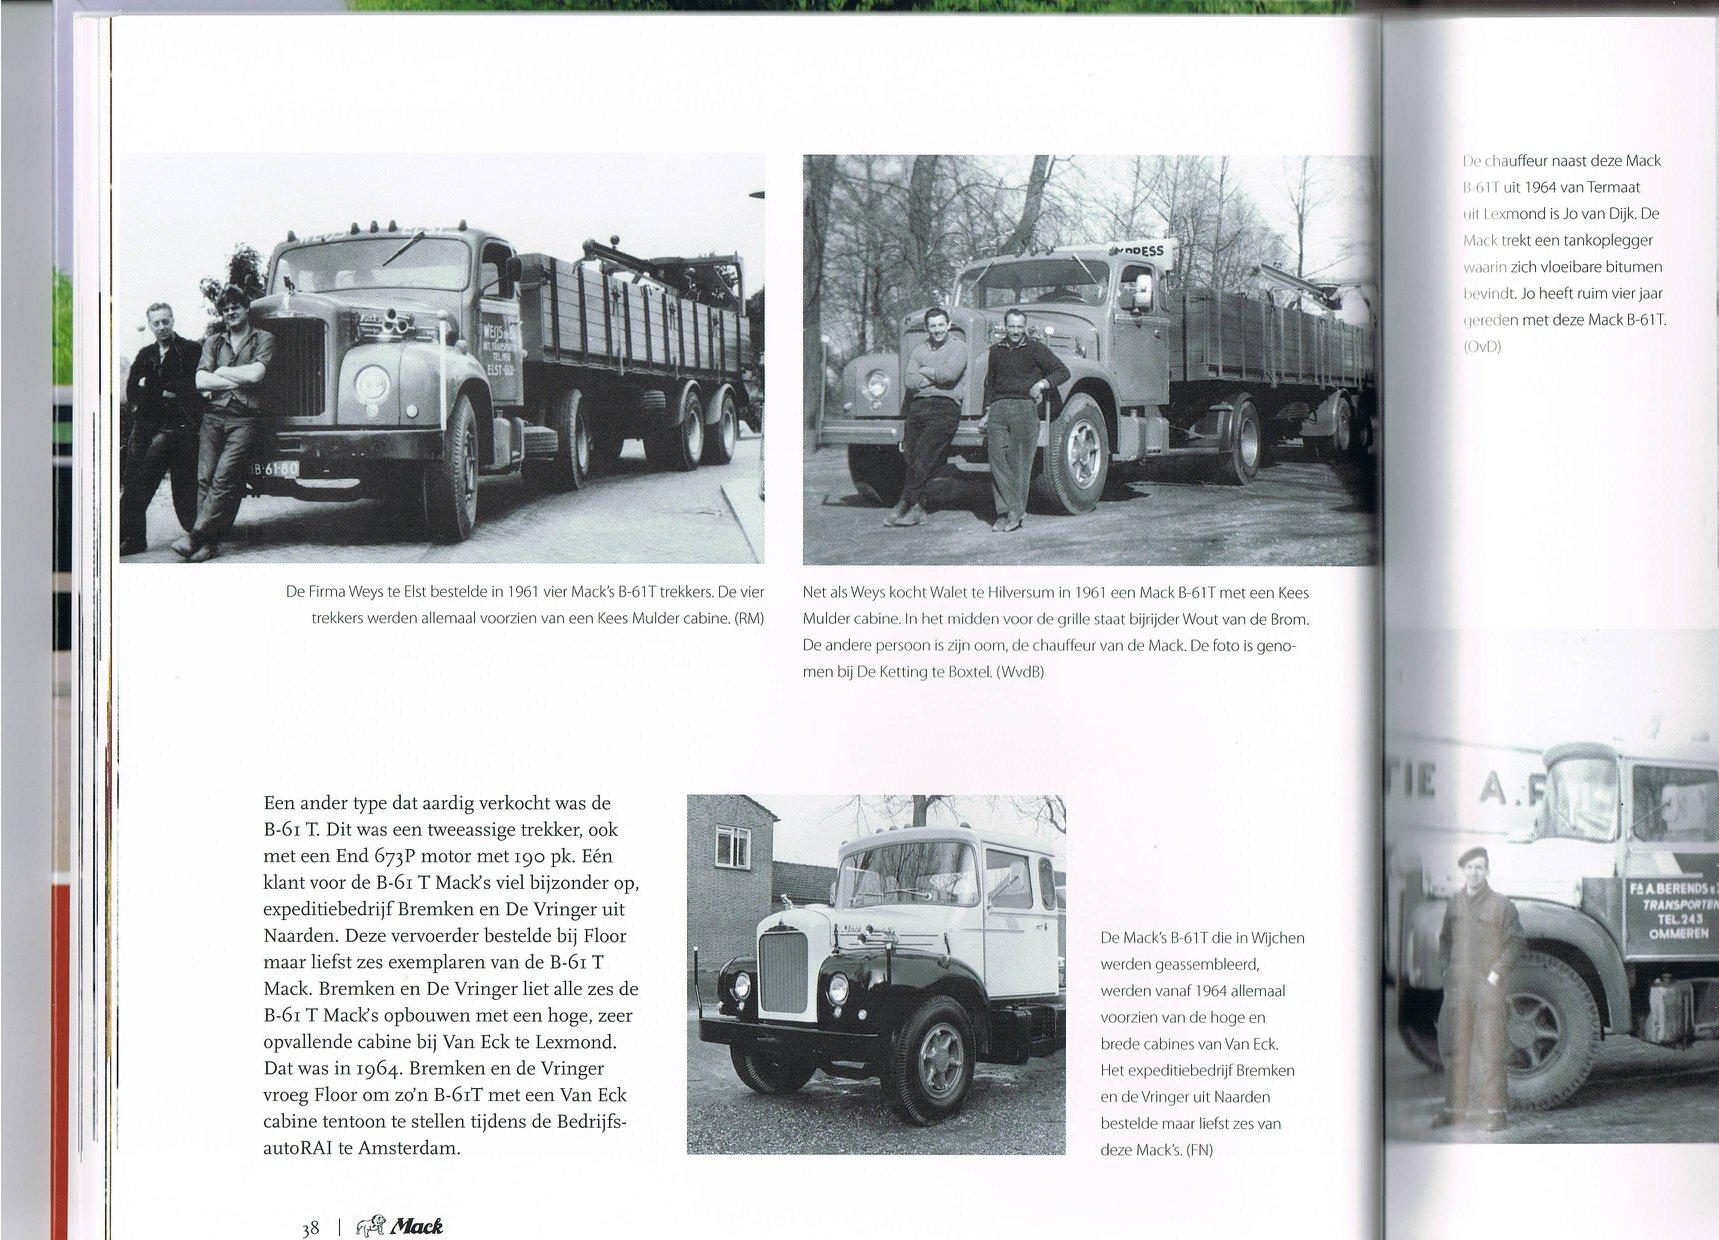 Aankondiging-in-een-vakblad-dat-Weijs-Transport-Elst-4-nieuwe-Mack-s-B-61-Trekkers-had-aangeschaft